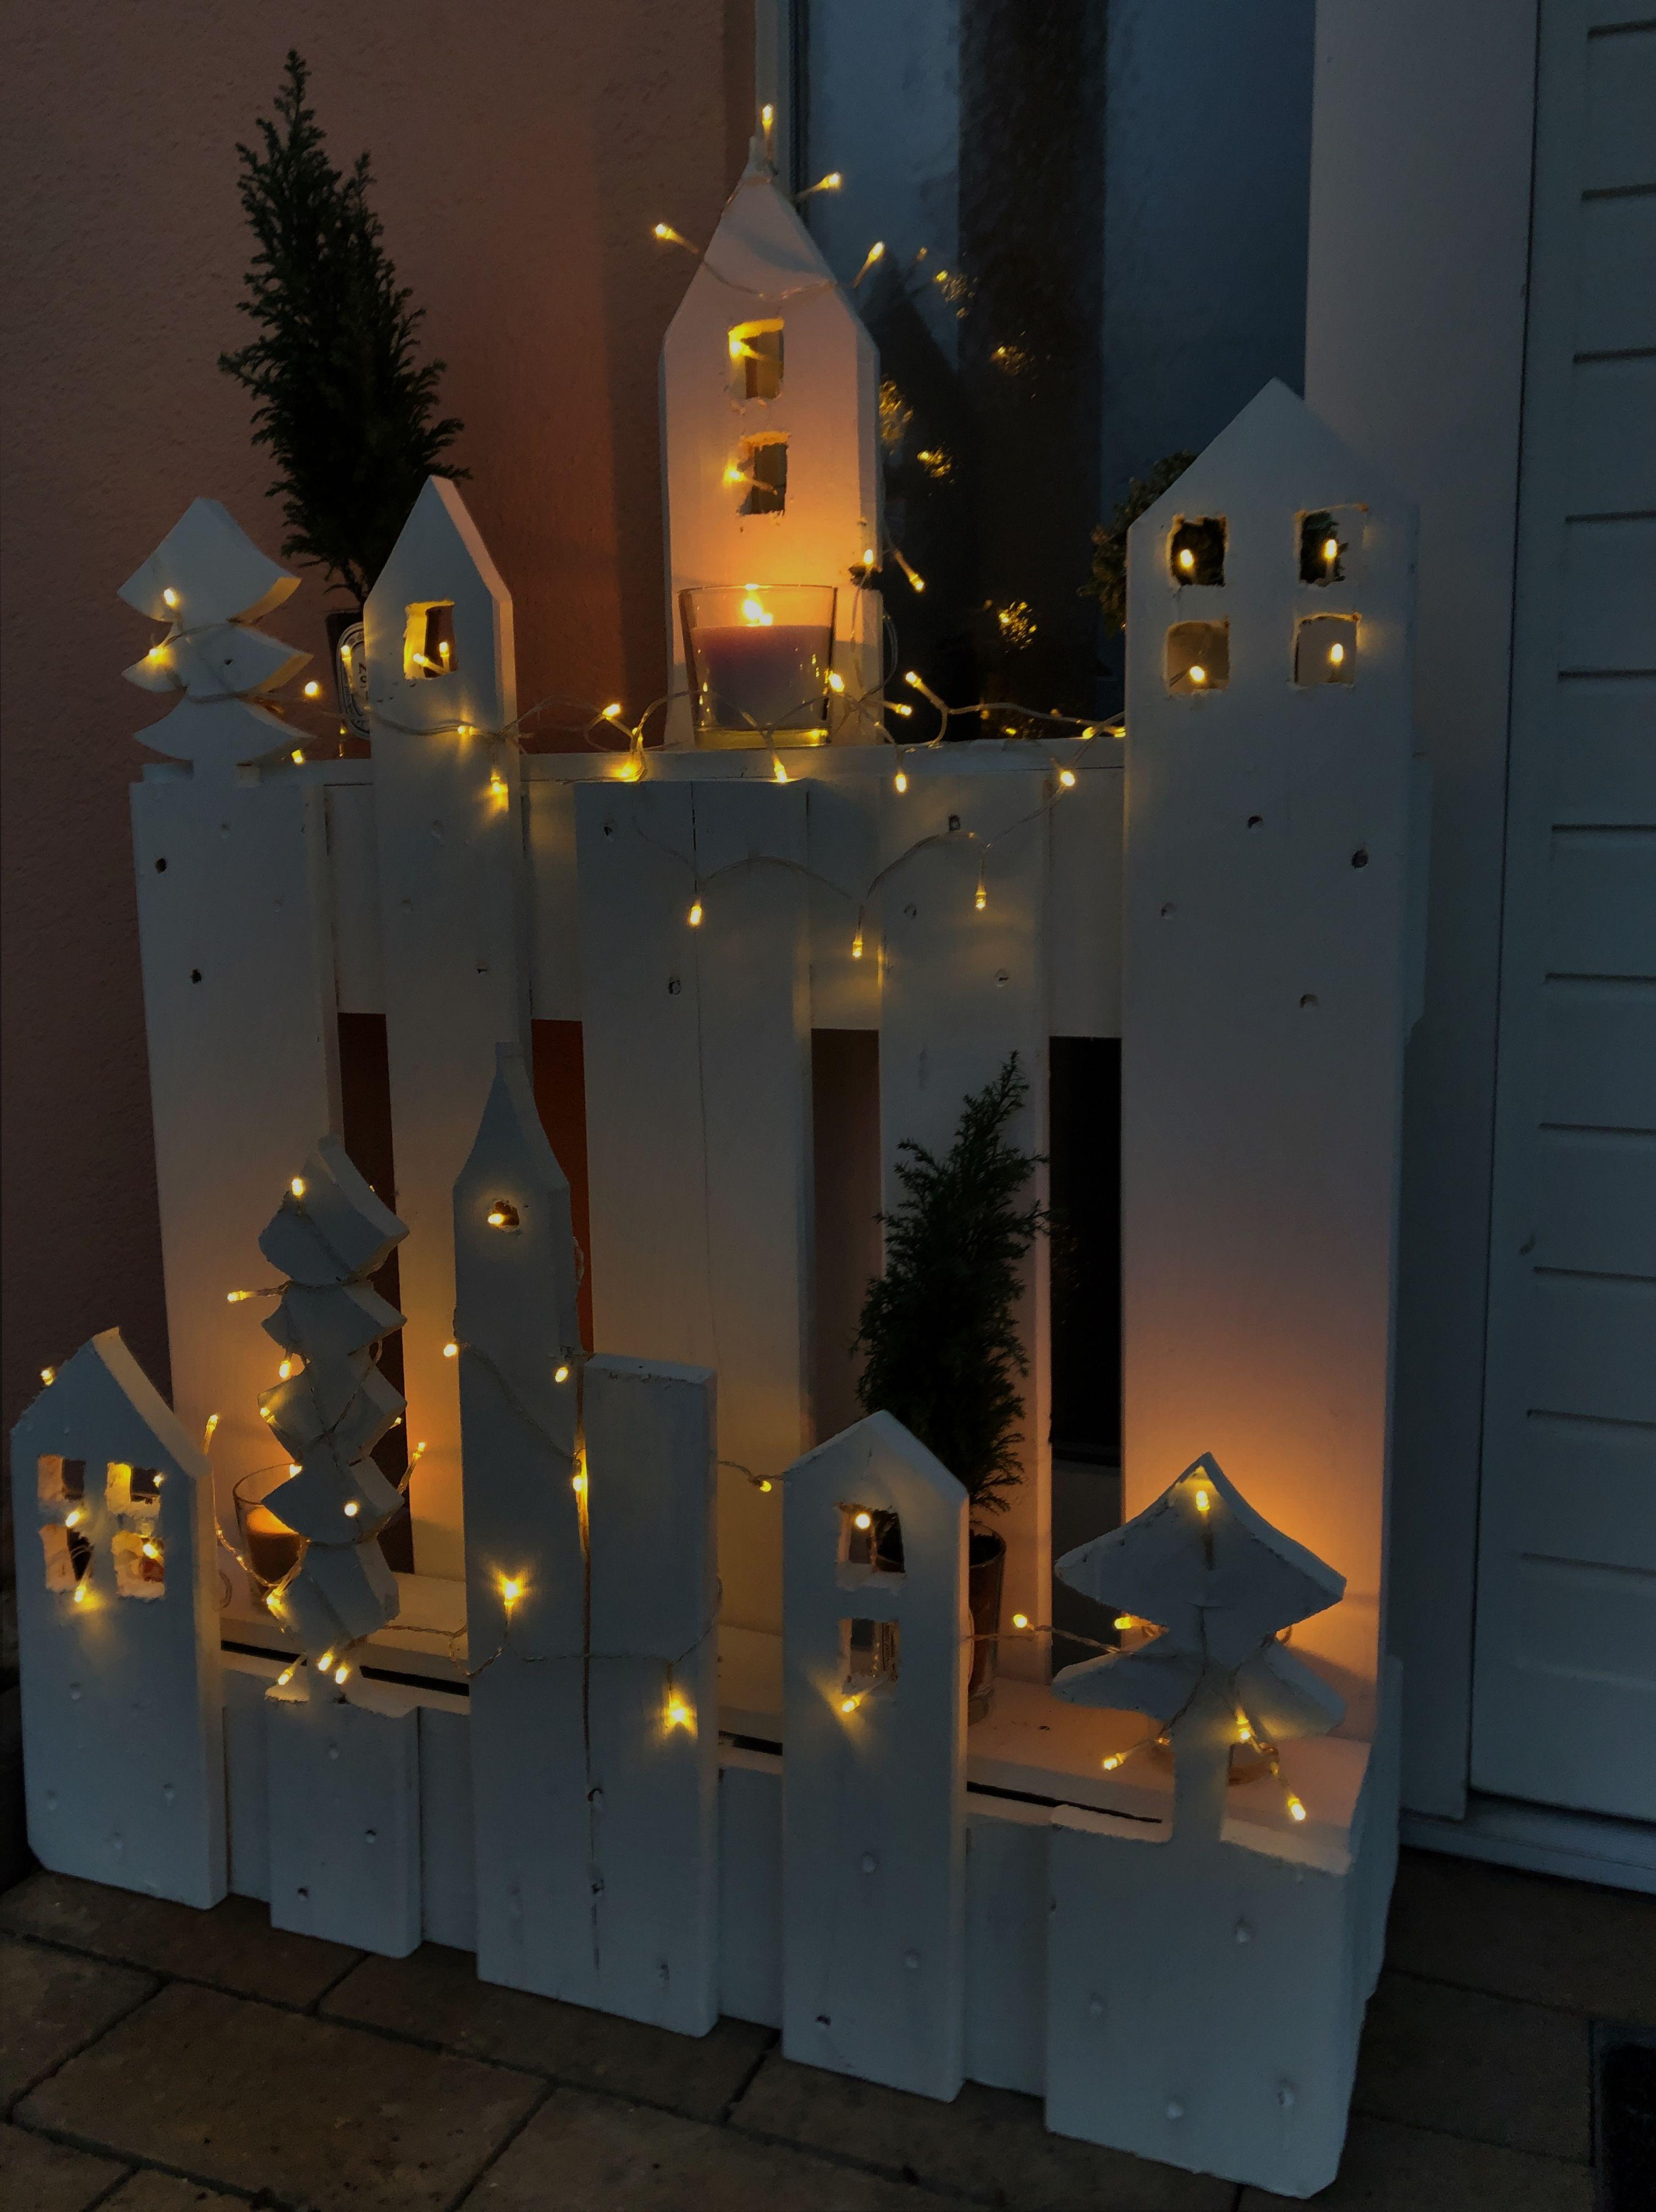 Pin Von Diane Vega Auf X Mas Paletten Deko Weihnachten